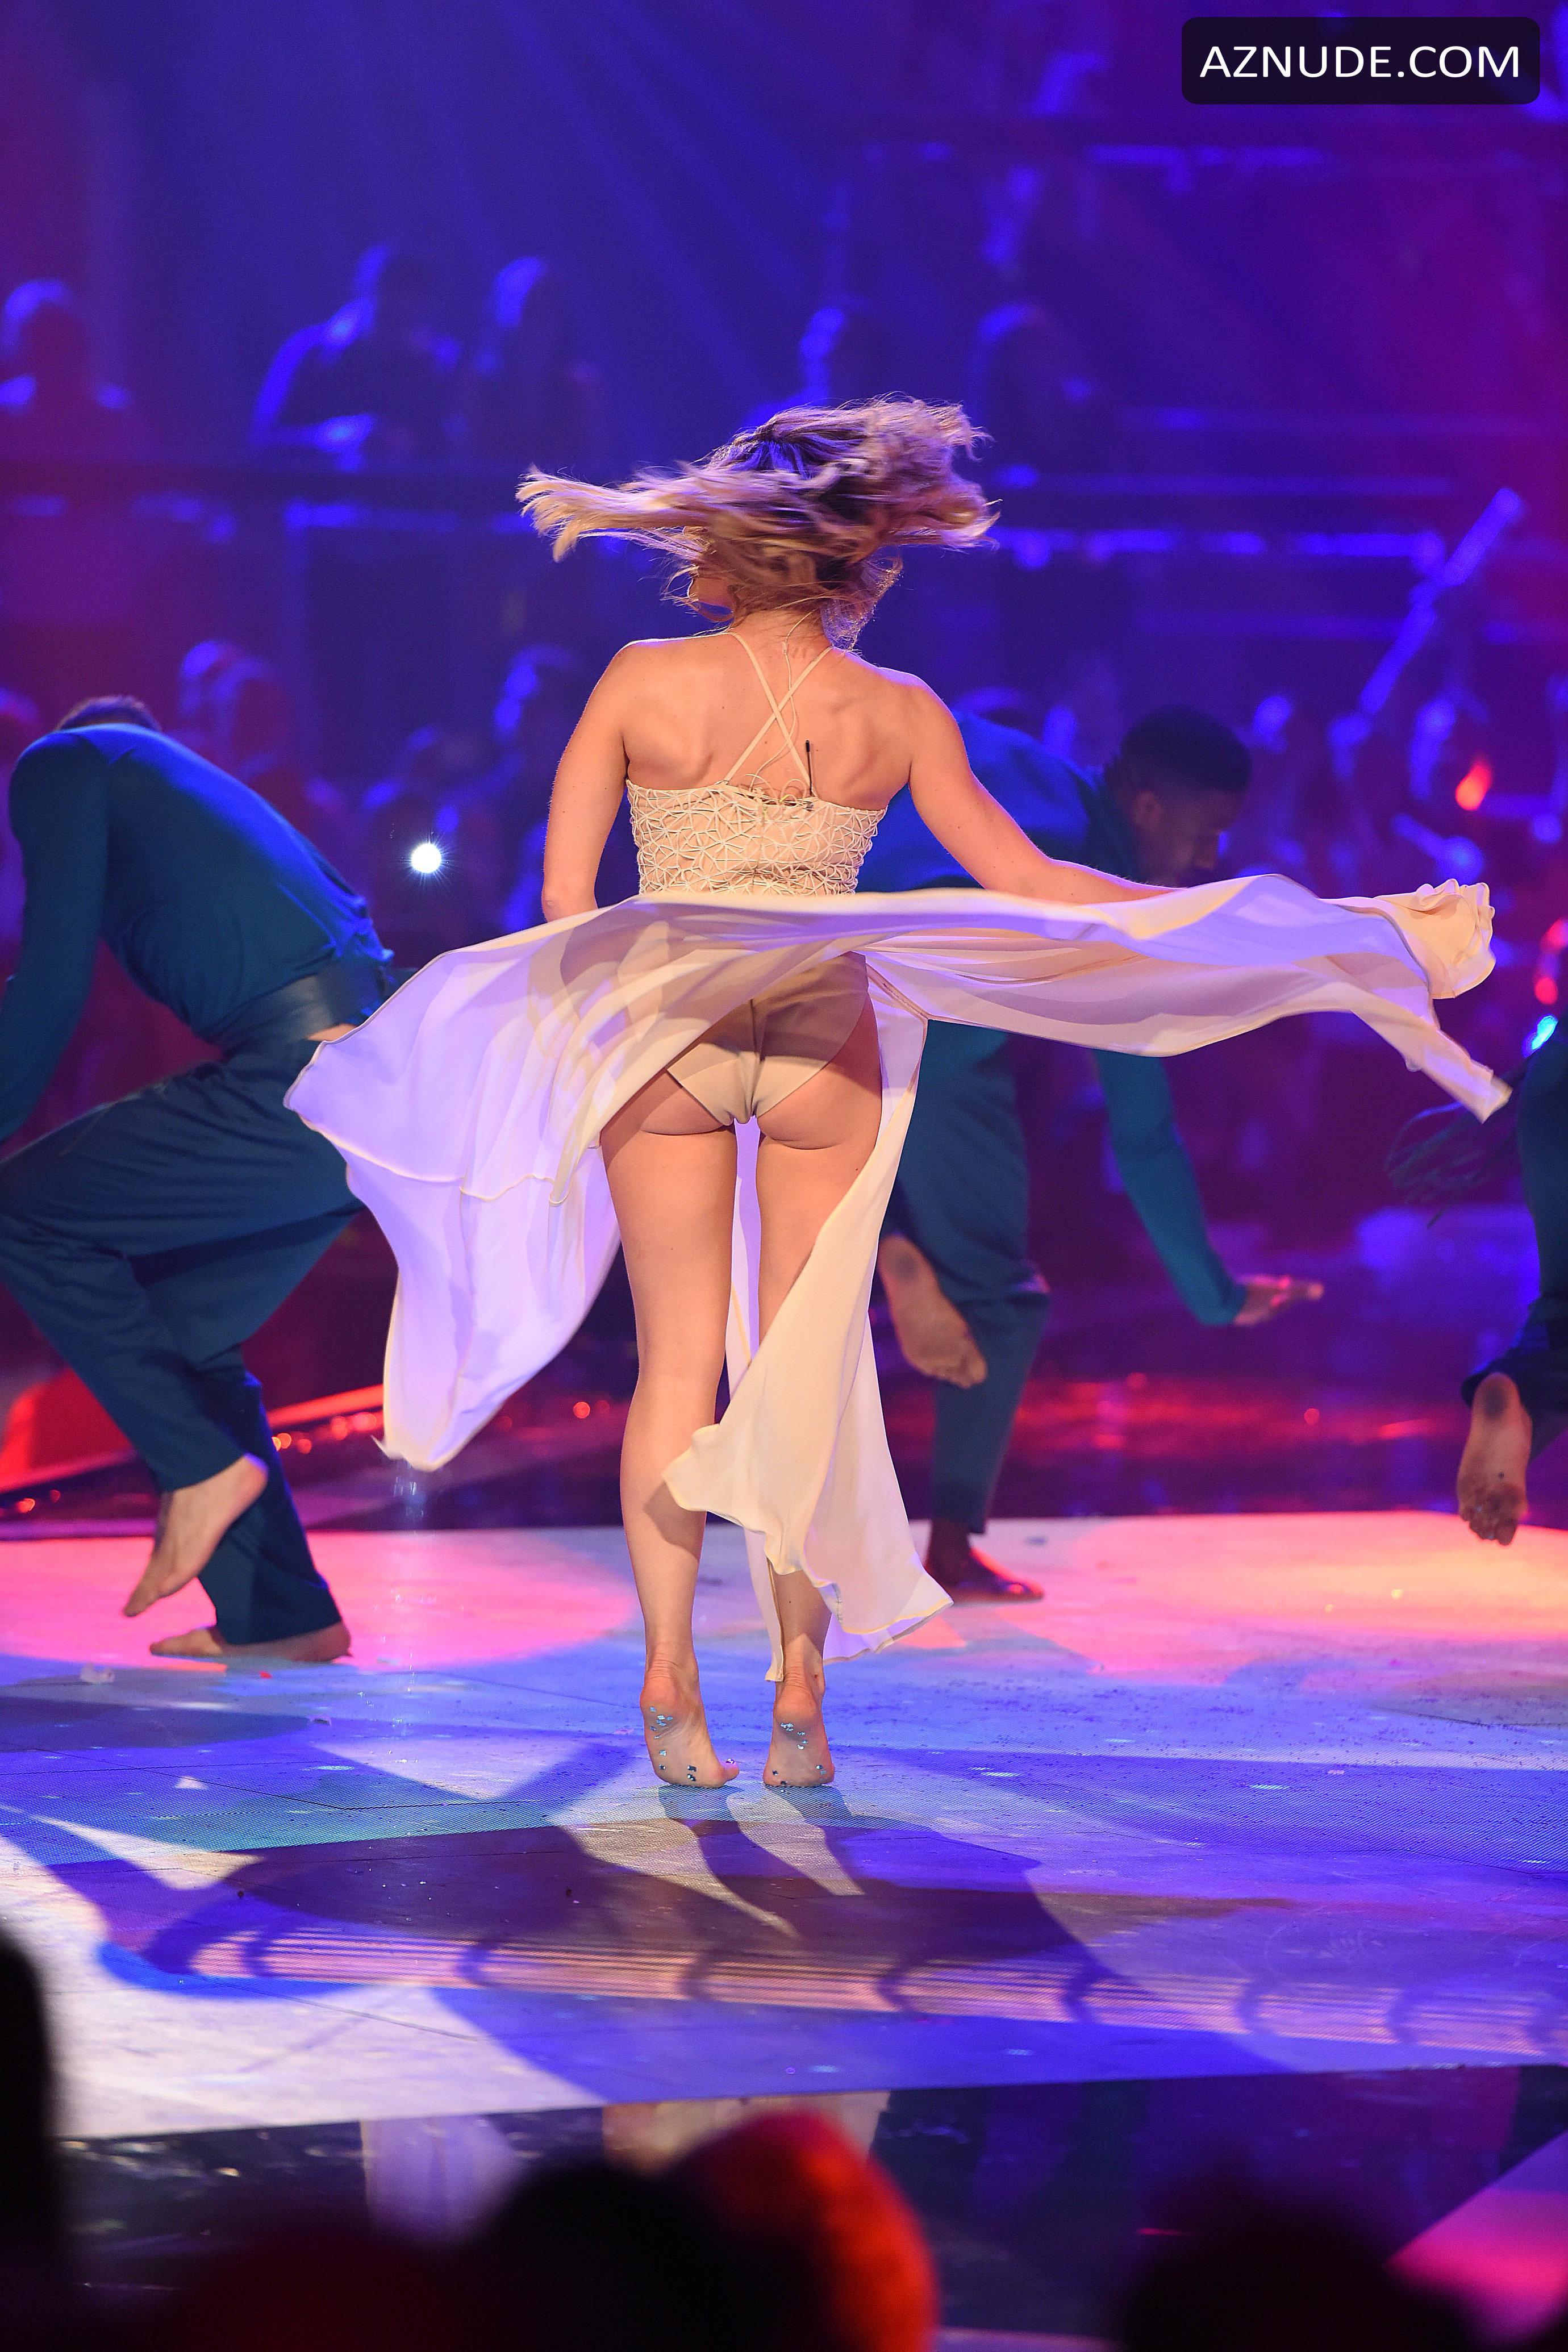 Helene fischer nackt dildo